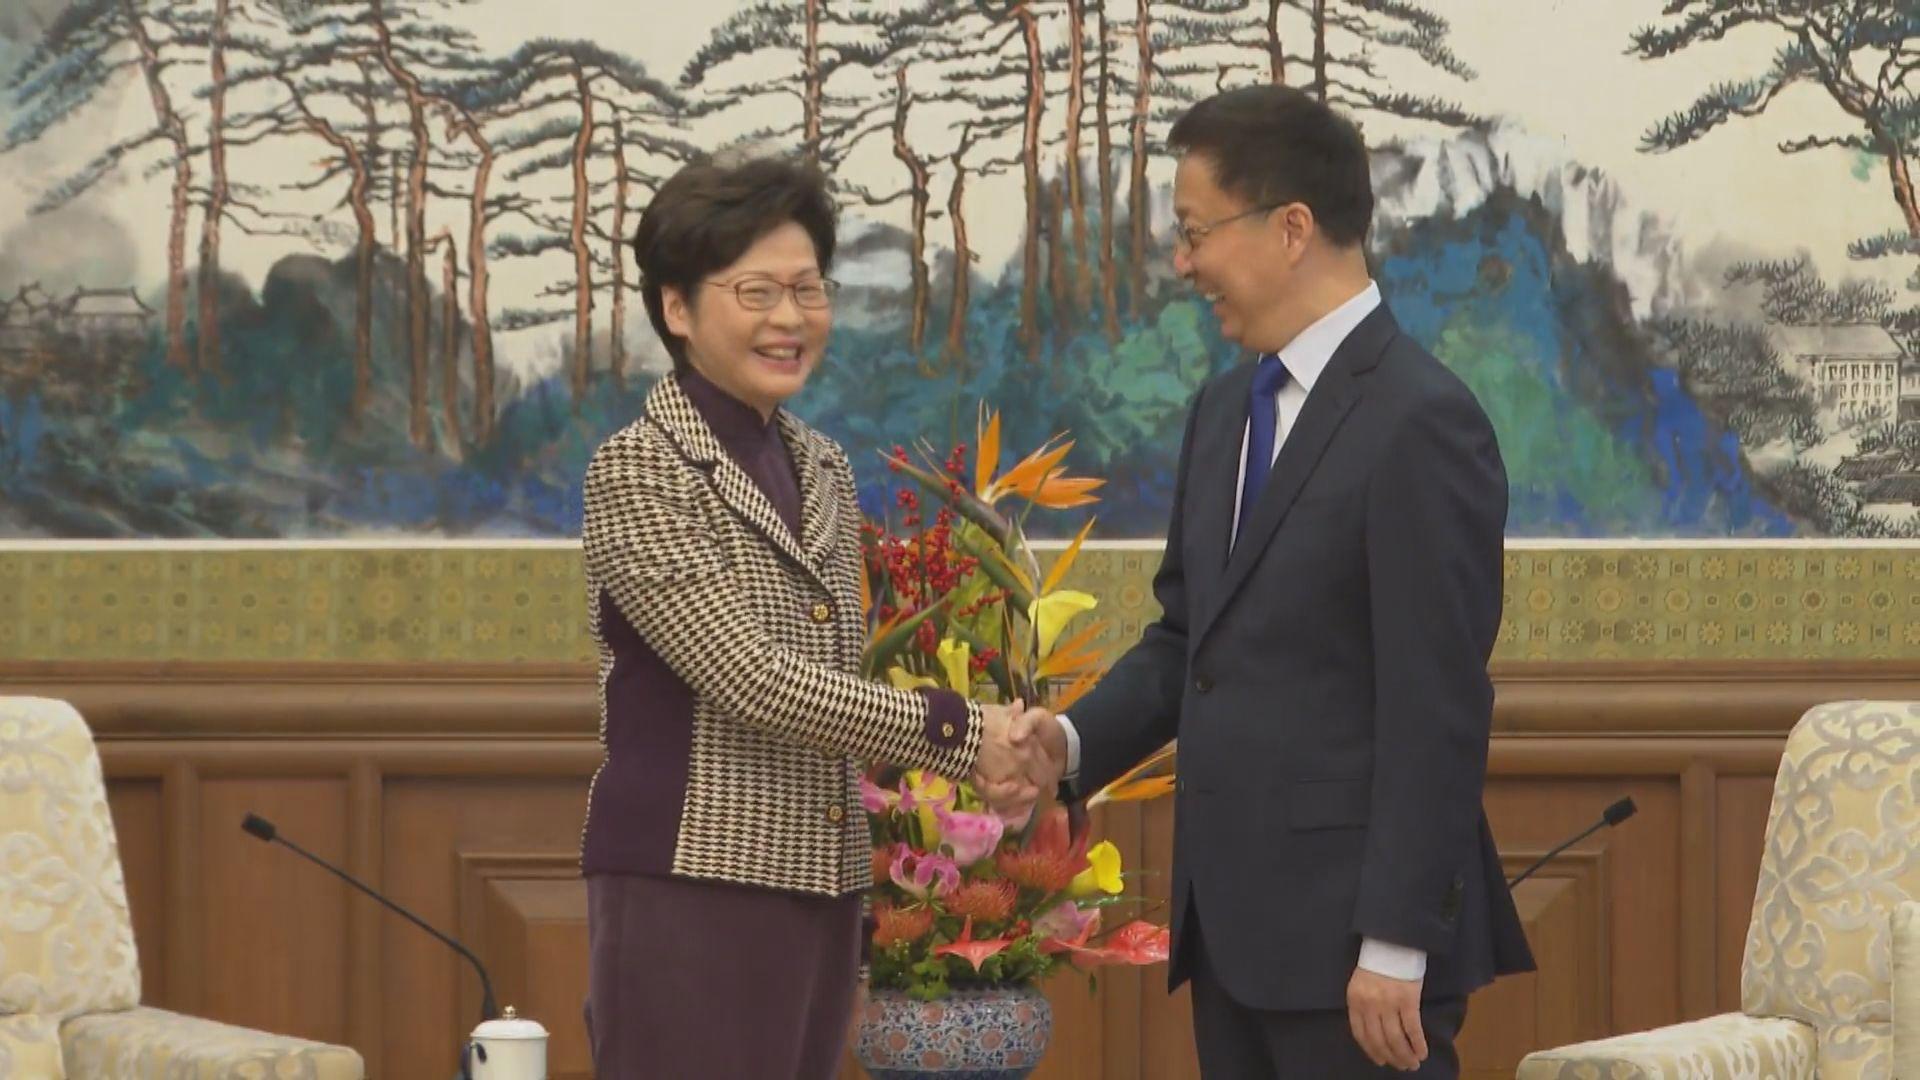 韓正:中央堅定支持行政長官及特區政府依法施政